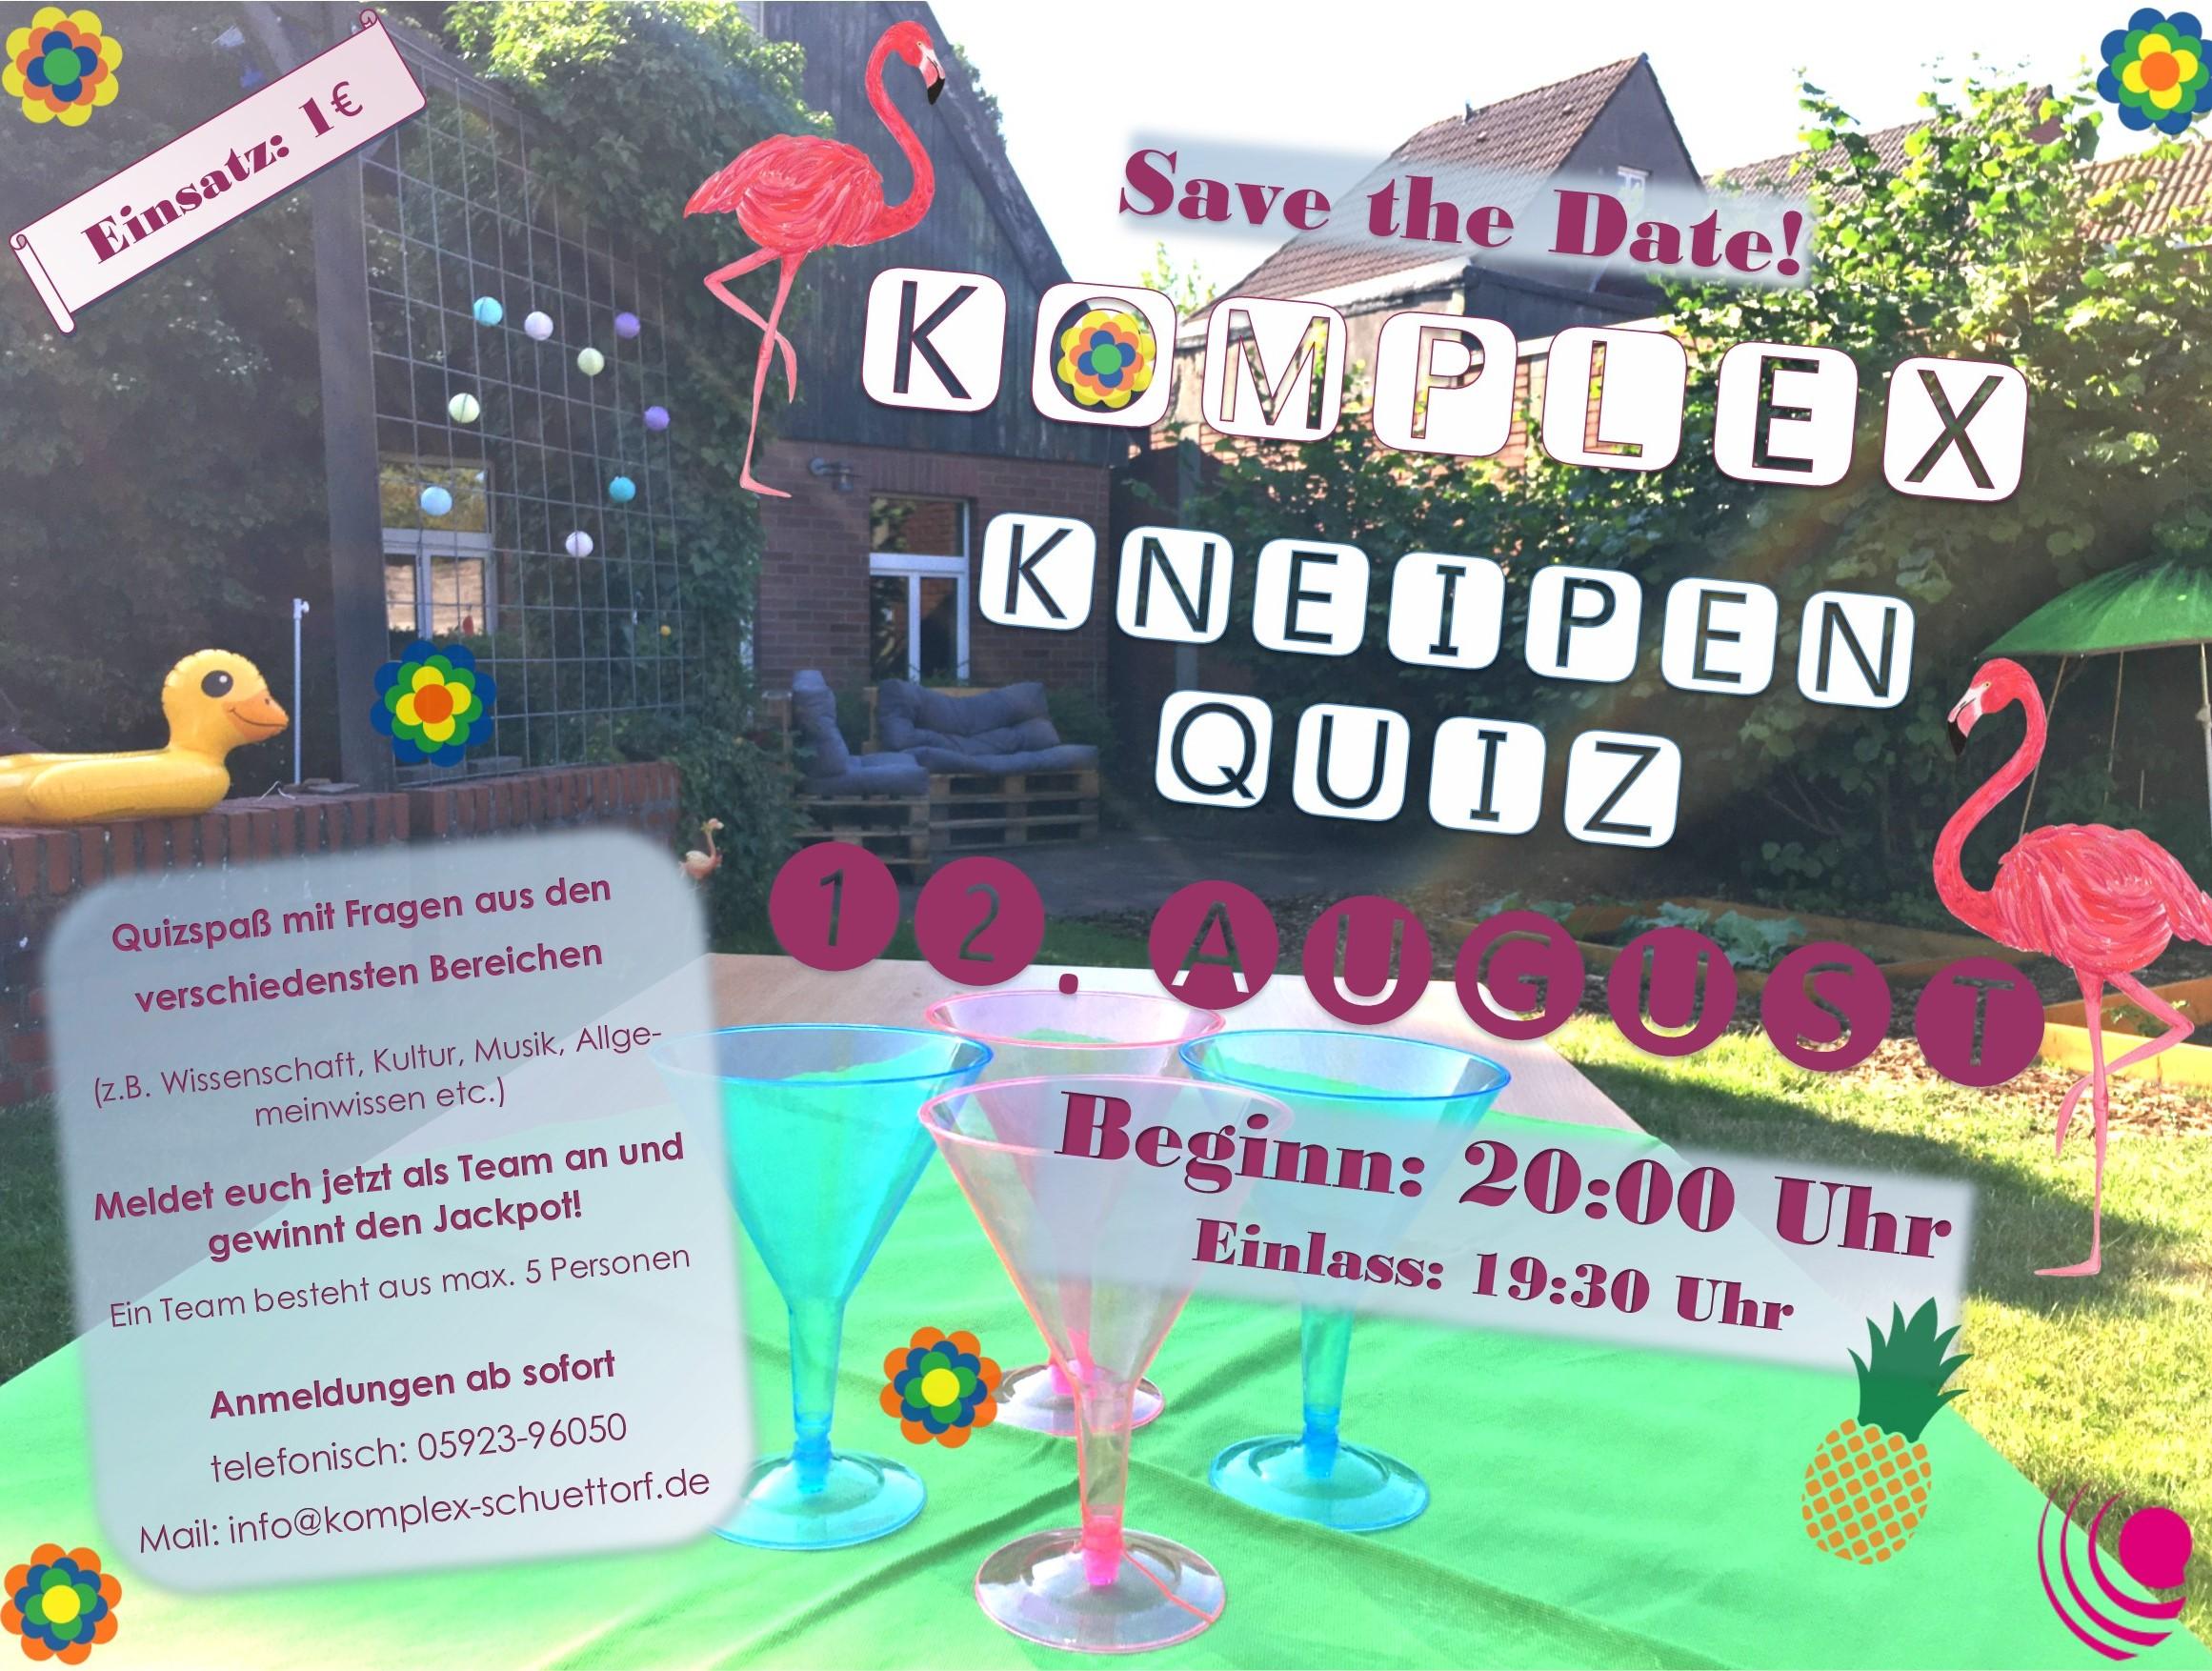 <b>12.08.2020</b><br>19:30 Uhr<br><b>Komplex Kneipen Quiz</b><br>Im Biergarten